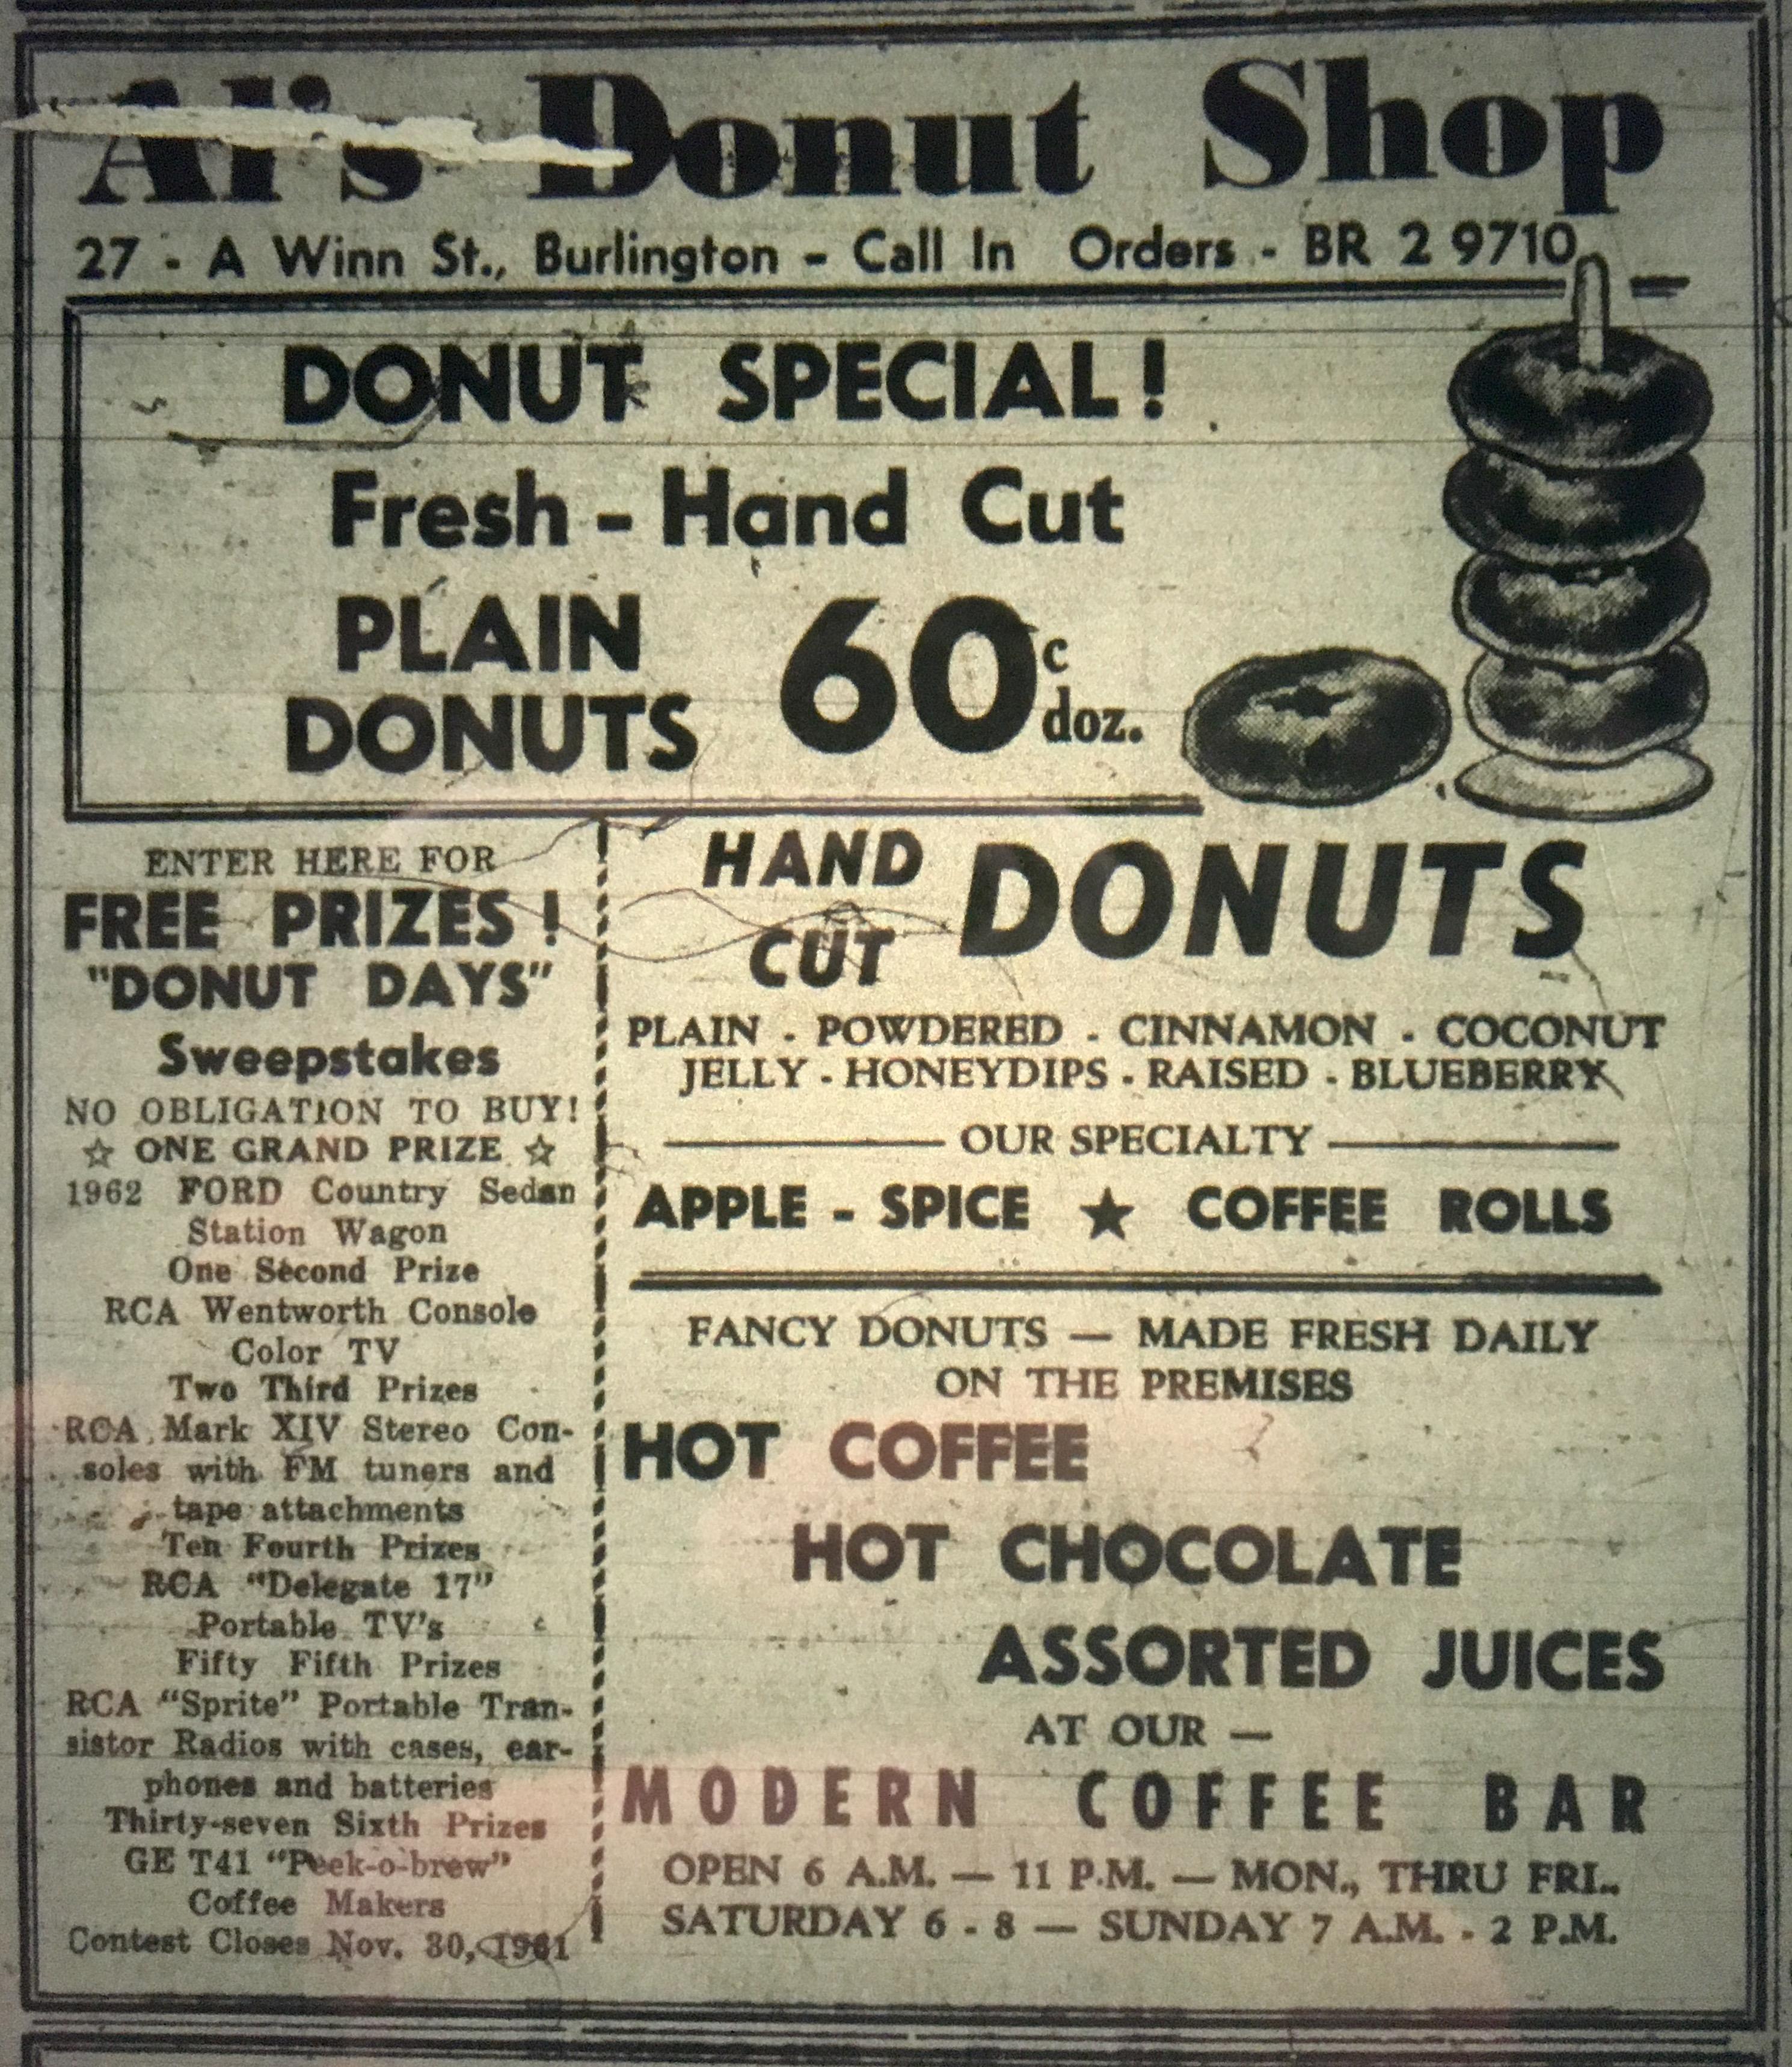 Al's Donut Shop, Burlington, MA